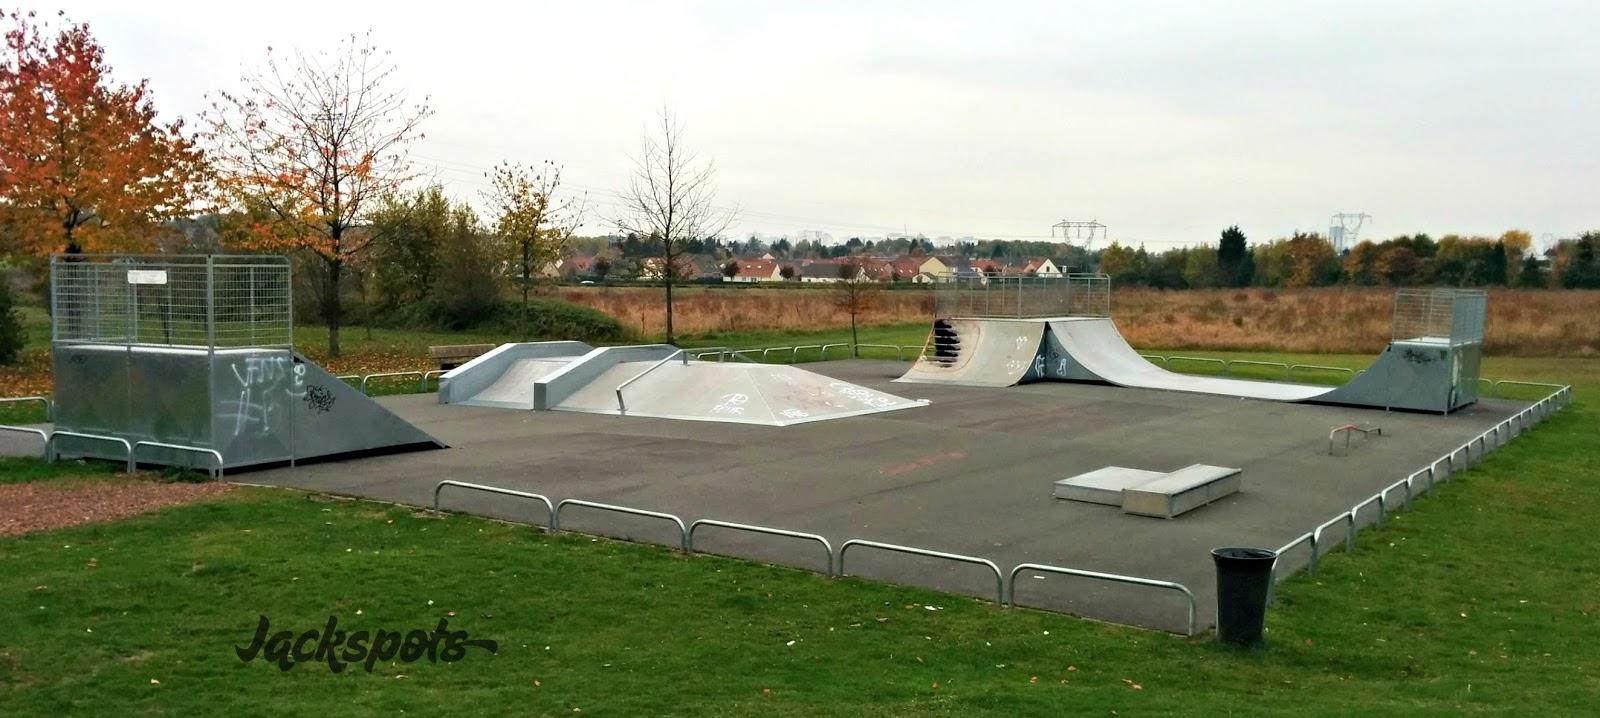 Le skatepark de vendin le vieil jackspots - Vendin le vieil ...